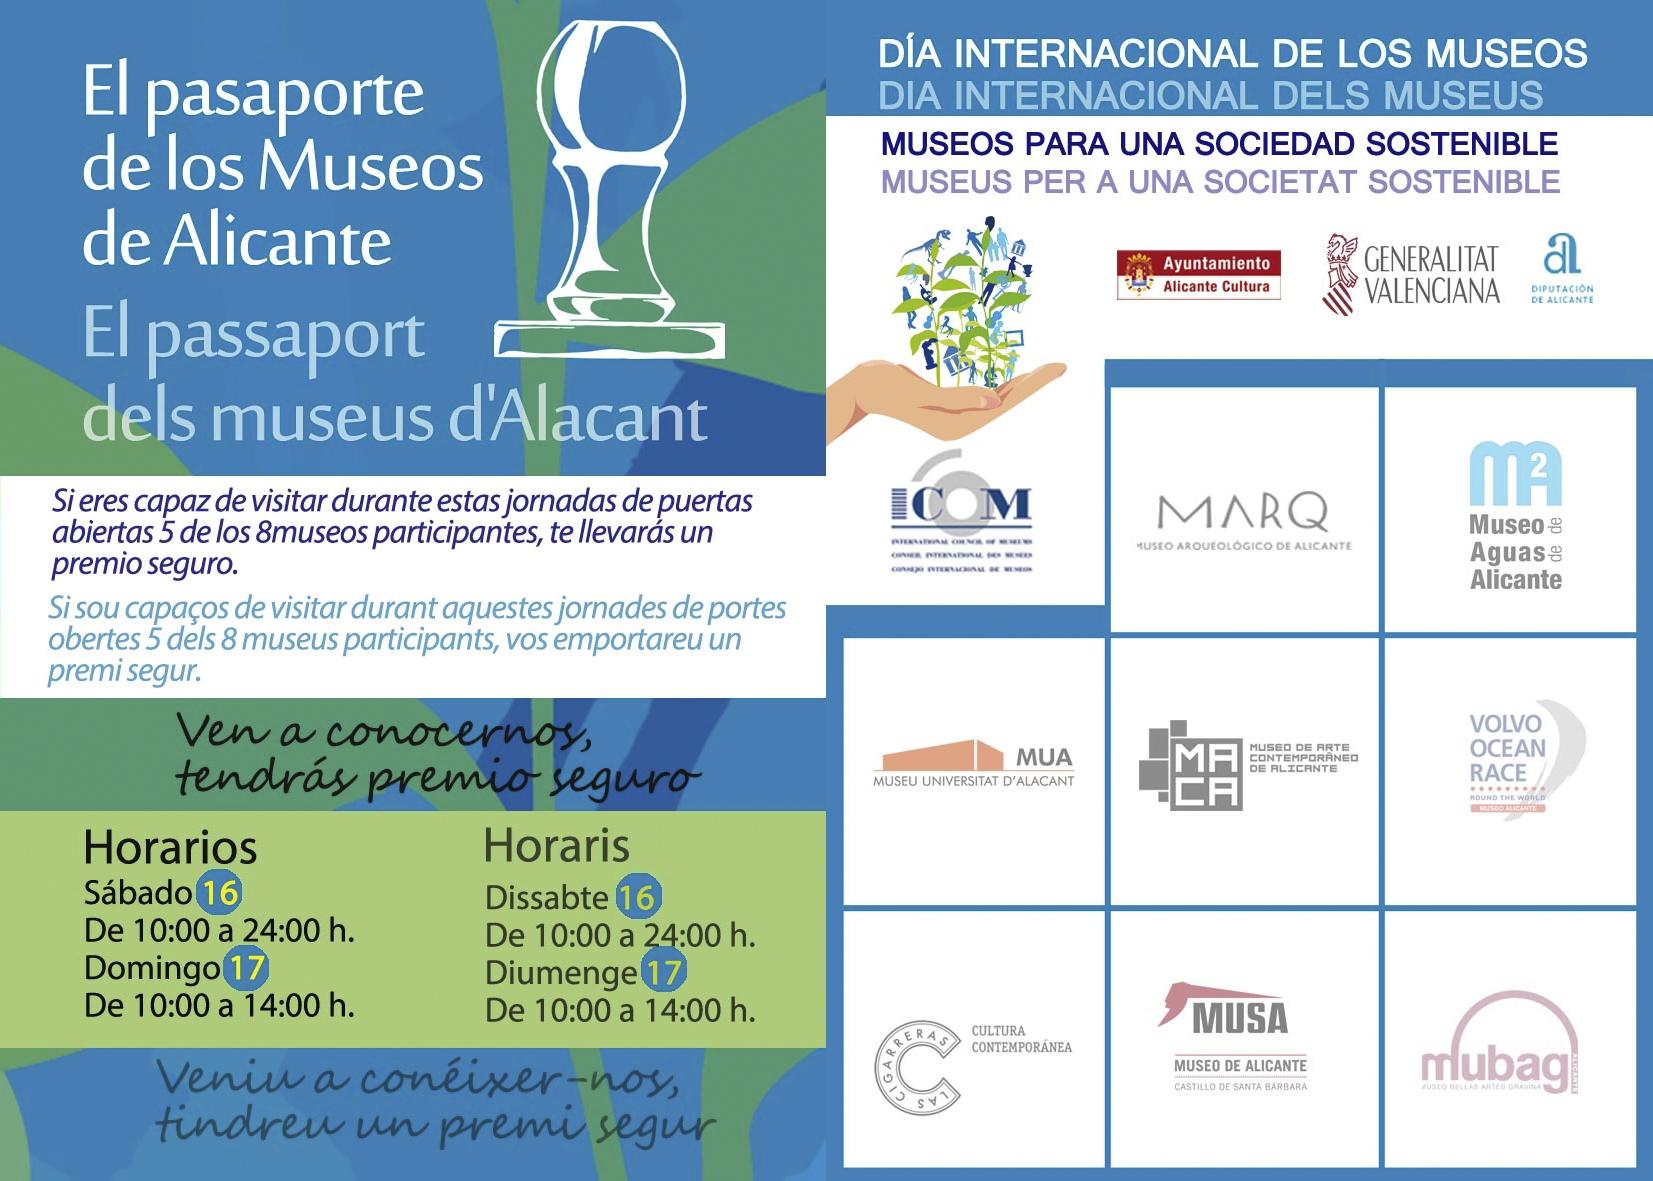 https://i1.wp.com/www.maca-alicante.es/wp-content/uploads/2015/05/Pasaporte-DIM151.jpg